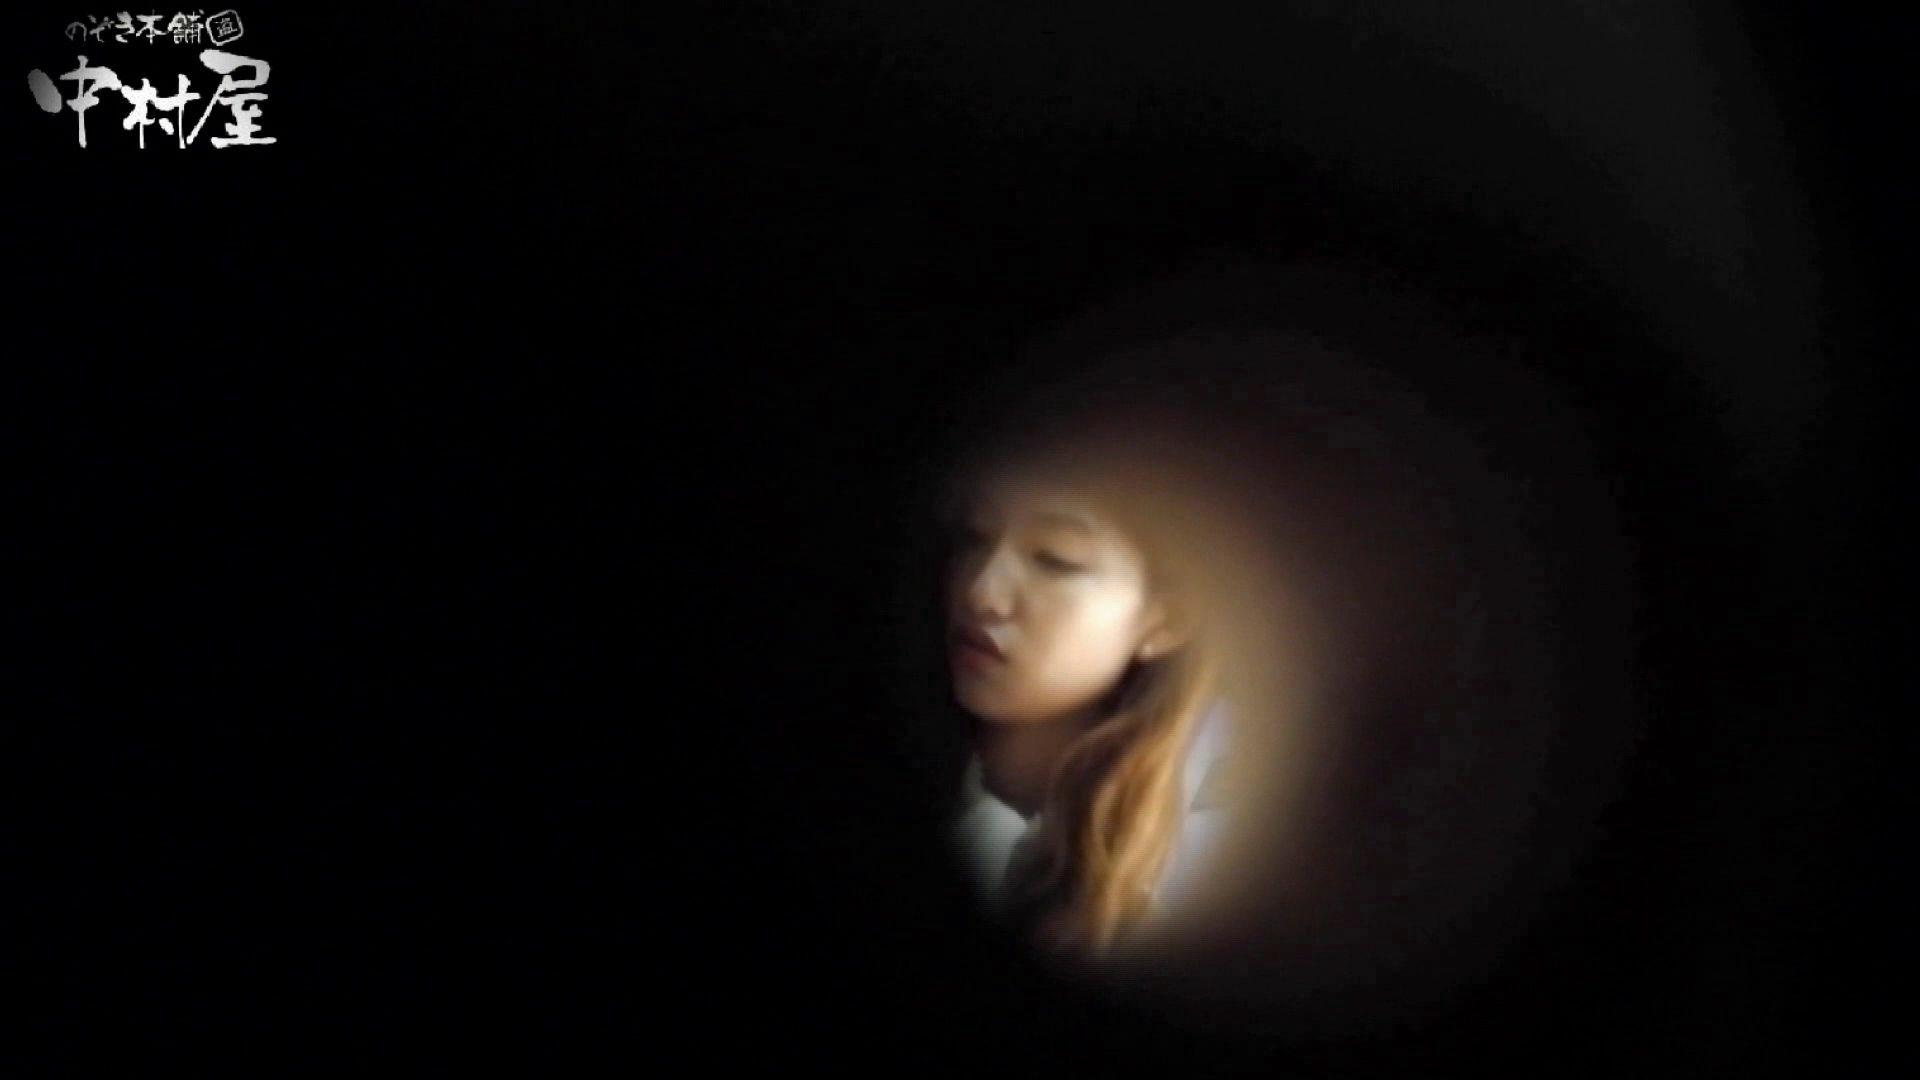 世界の射窓から~ステーション編~vol46 美女のアップが盛りだくさん。後編 OLすけべ画像 | 美女すけべ画像  104連発 9